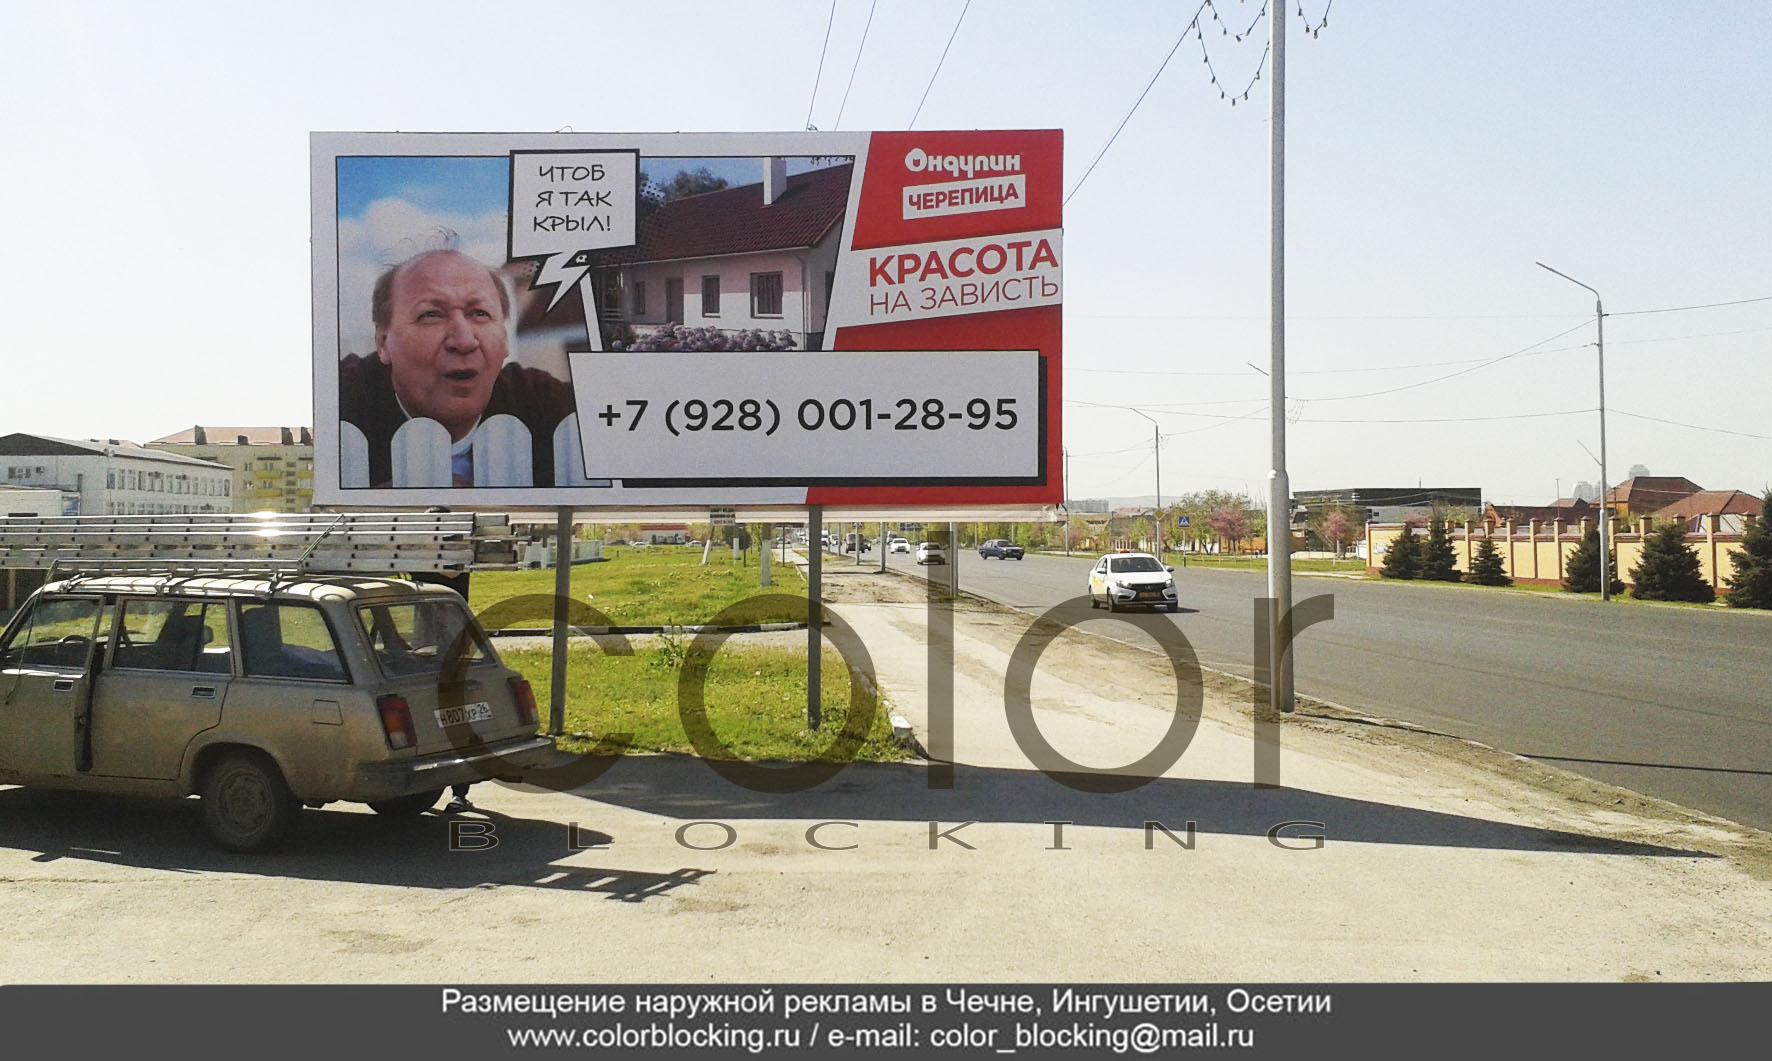 Наружная реклама 3х6 в Чечне Грозный